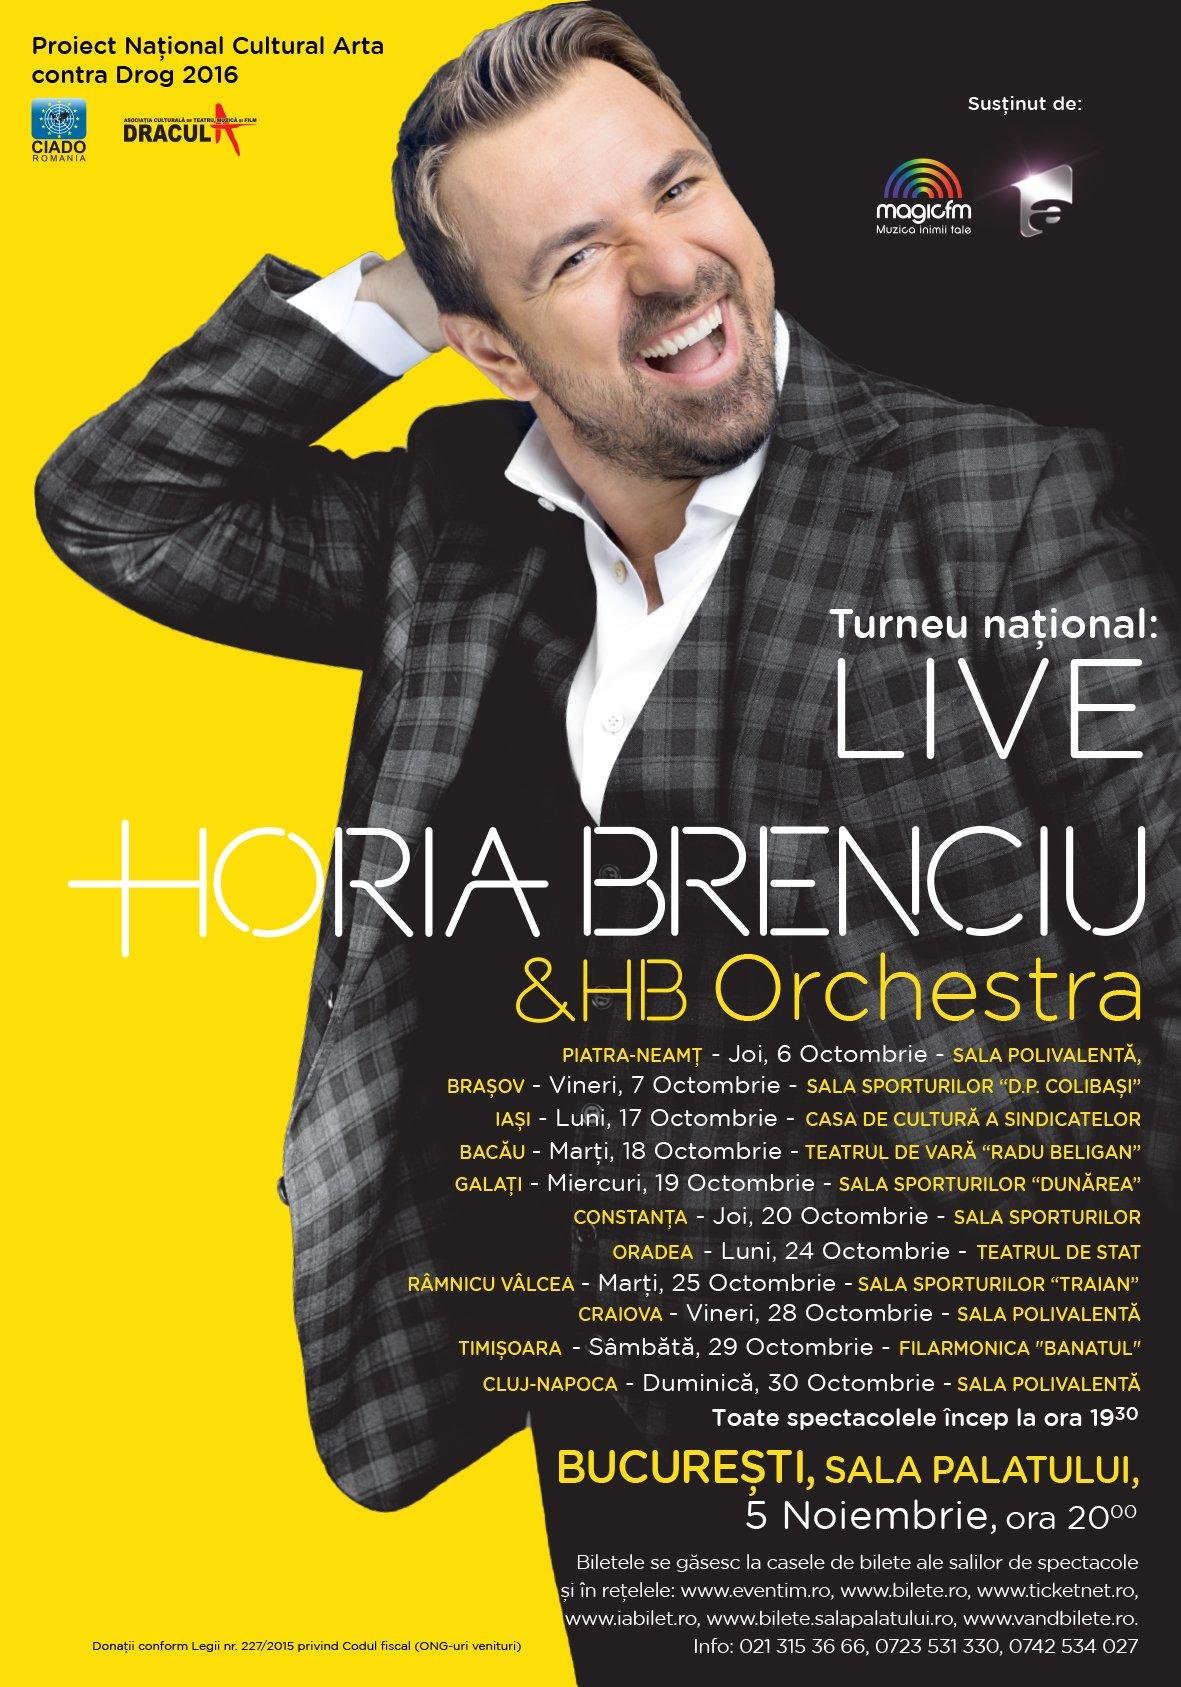 Horia brenciu bacau live webcam